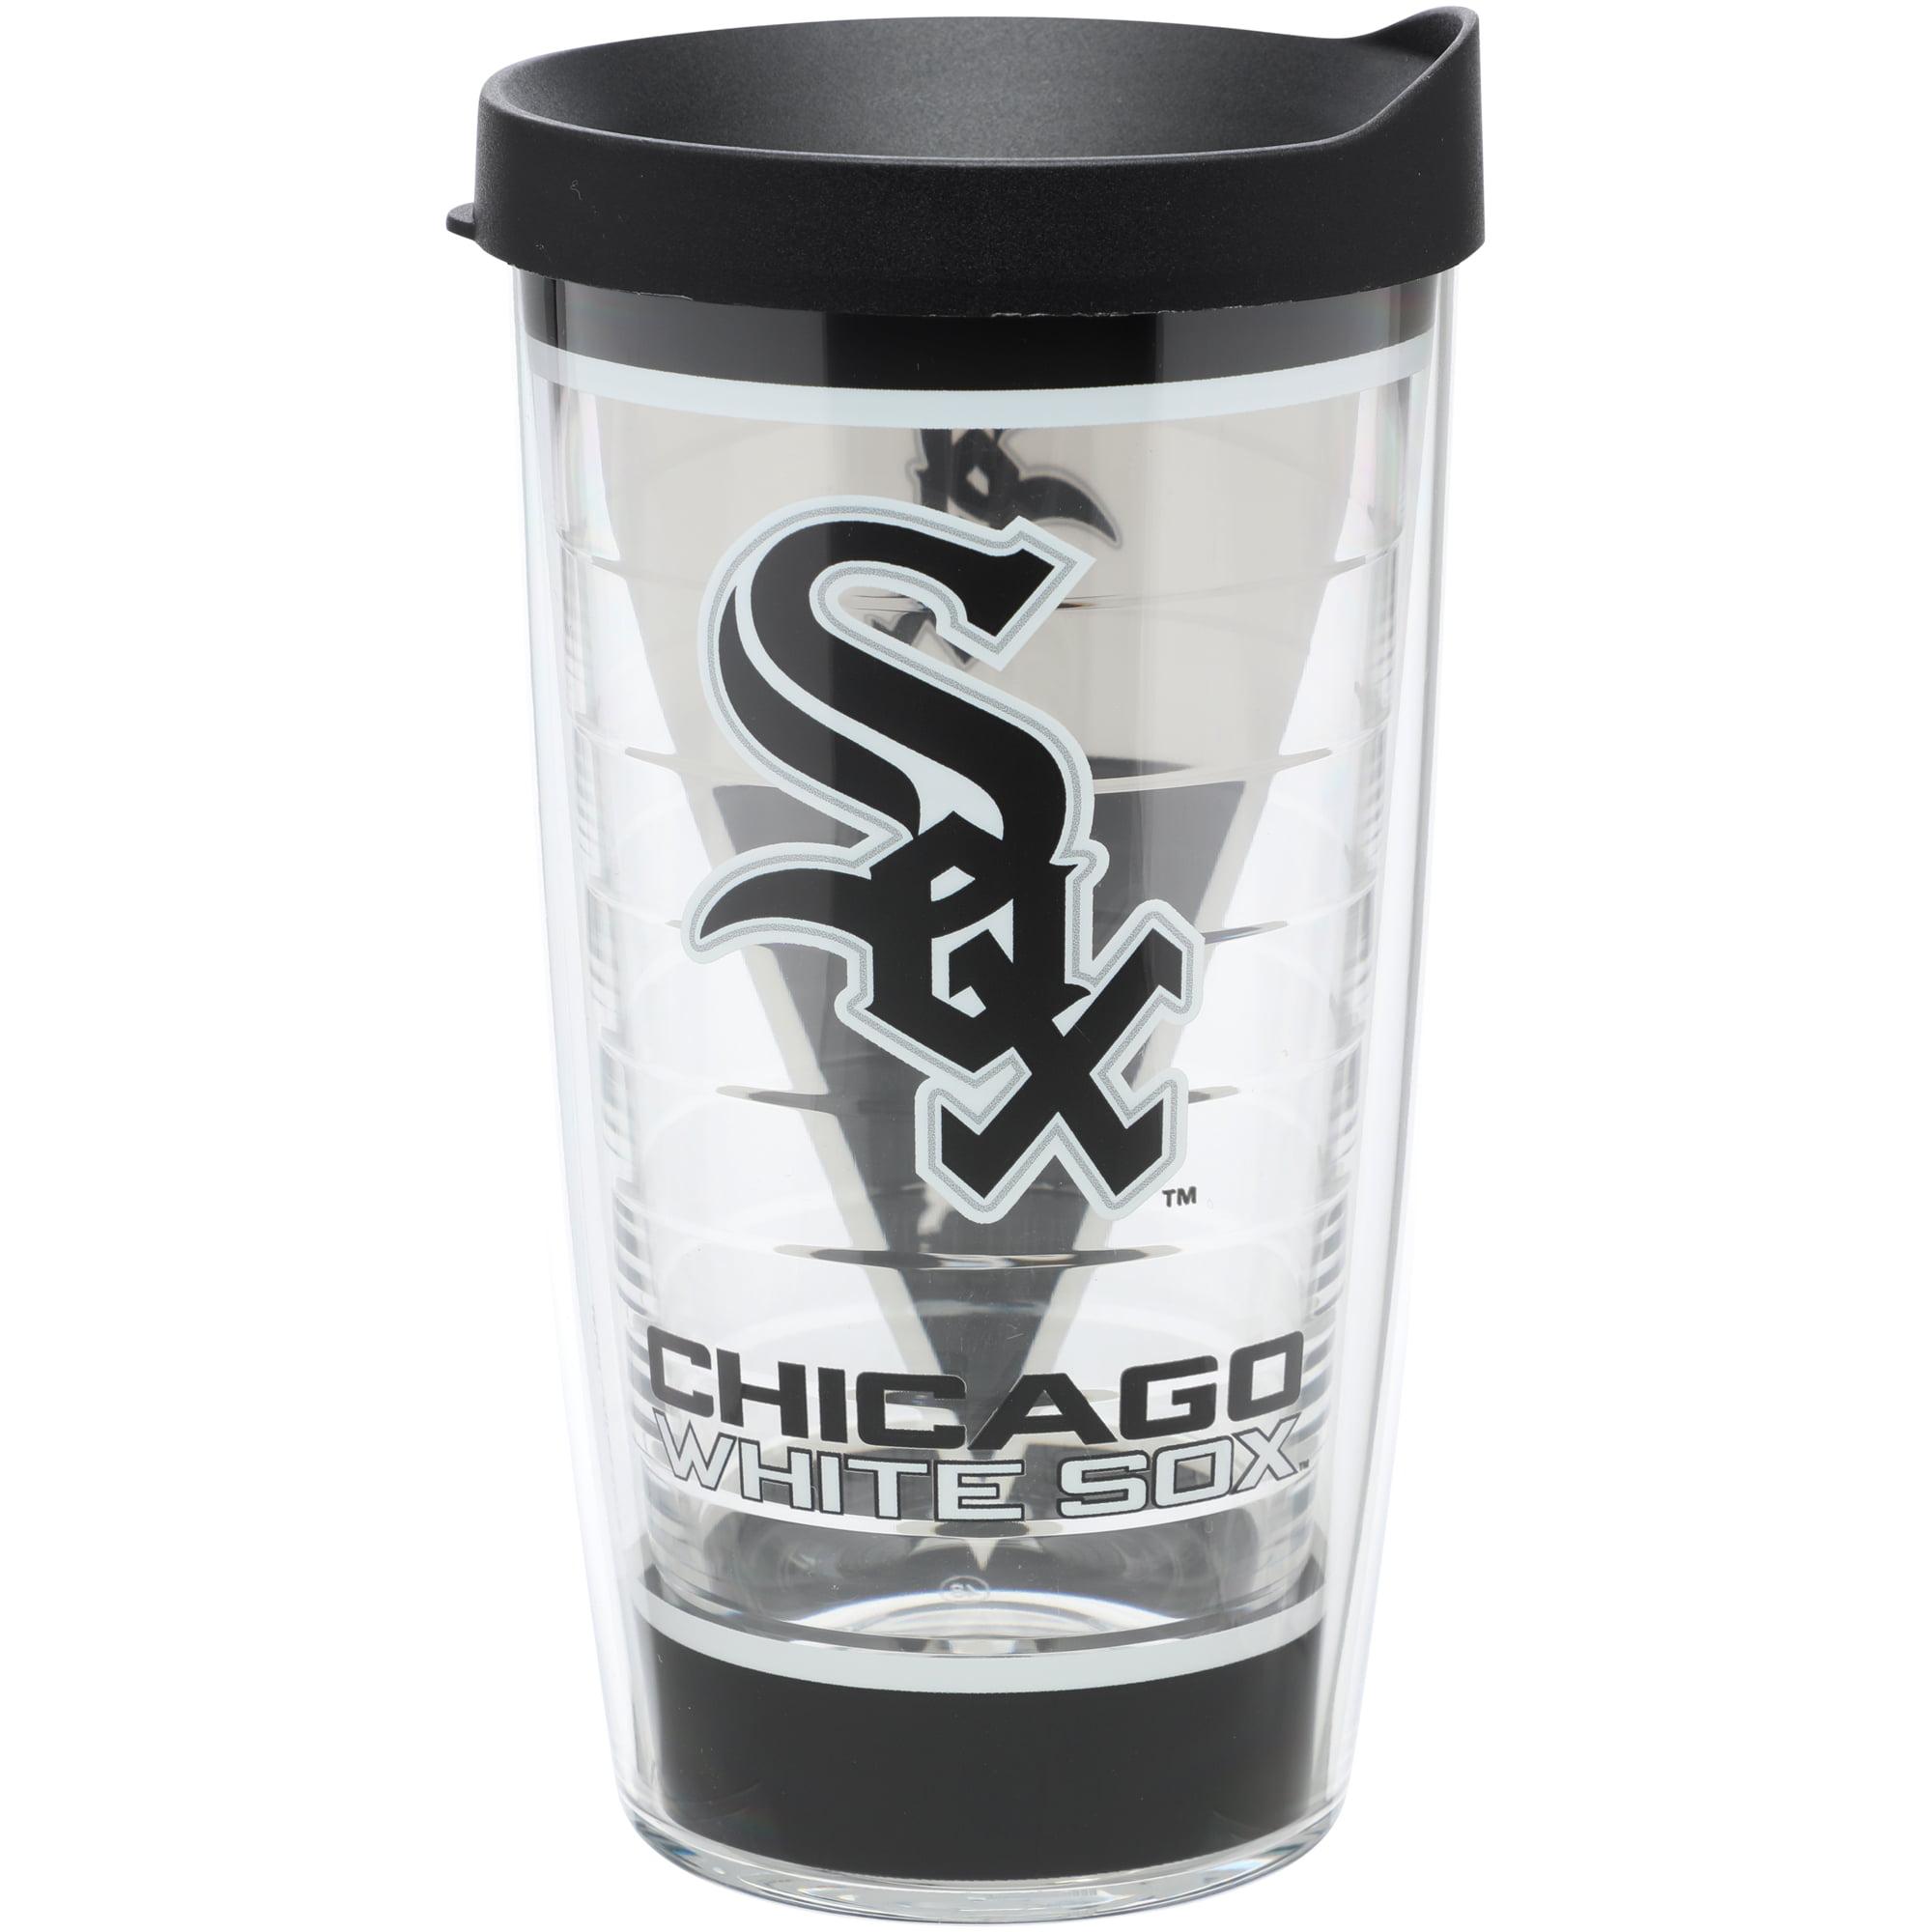 Chicago White Sox Tervis 16oz. Bat Up Tumbler - No Size